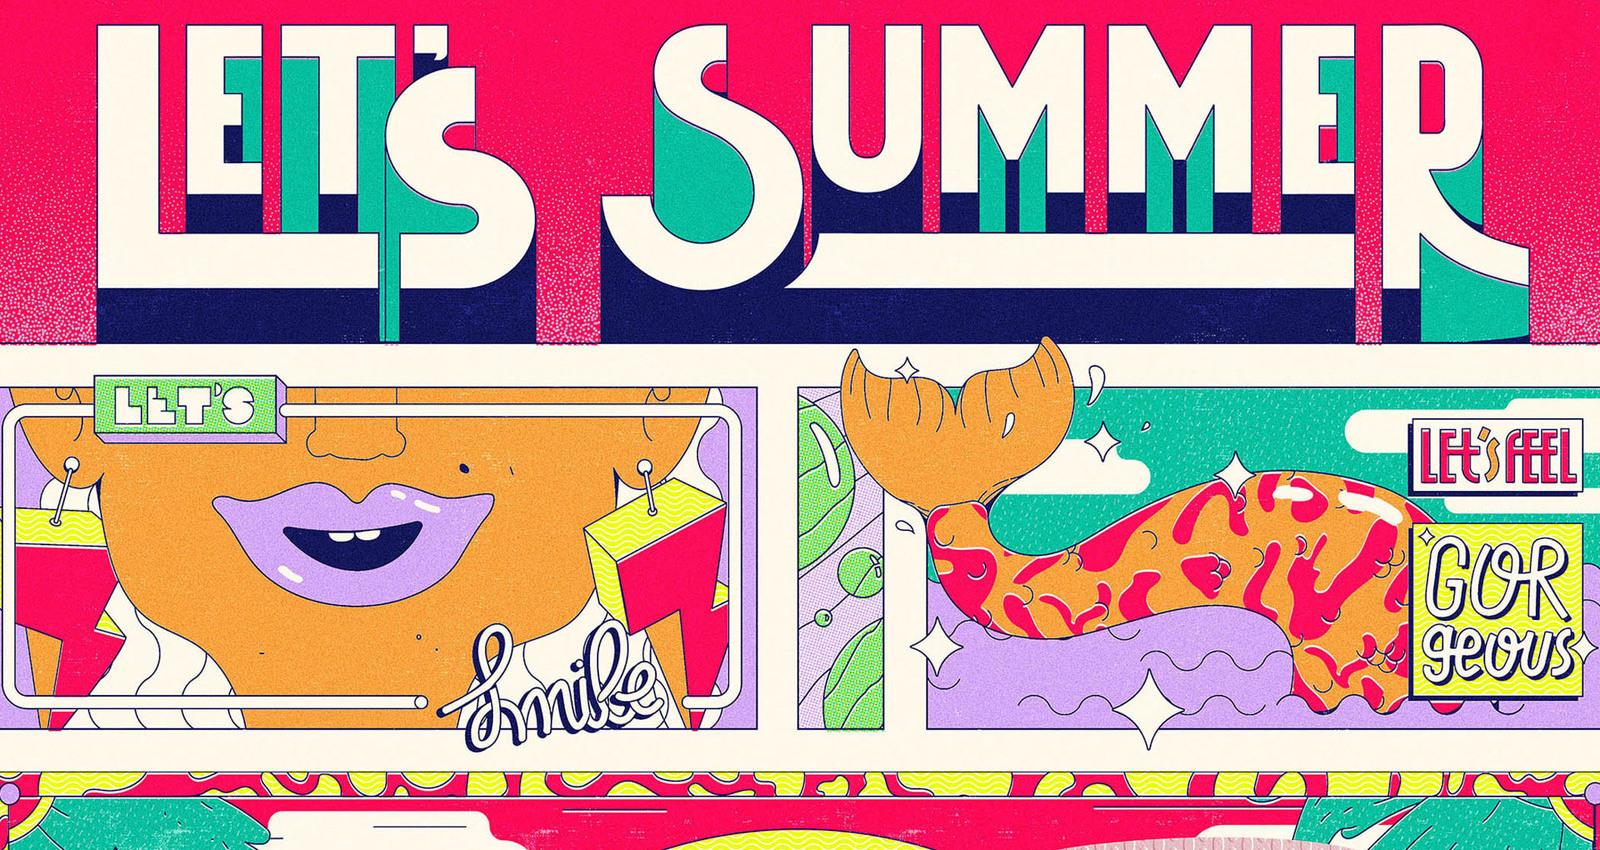 Let's Summer